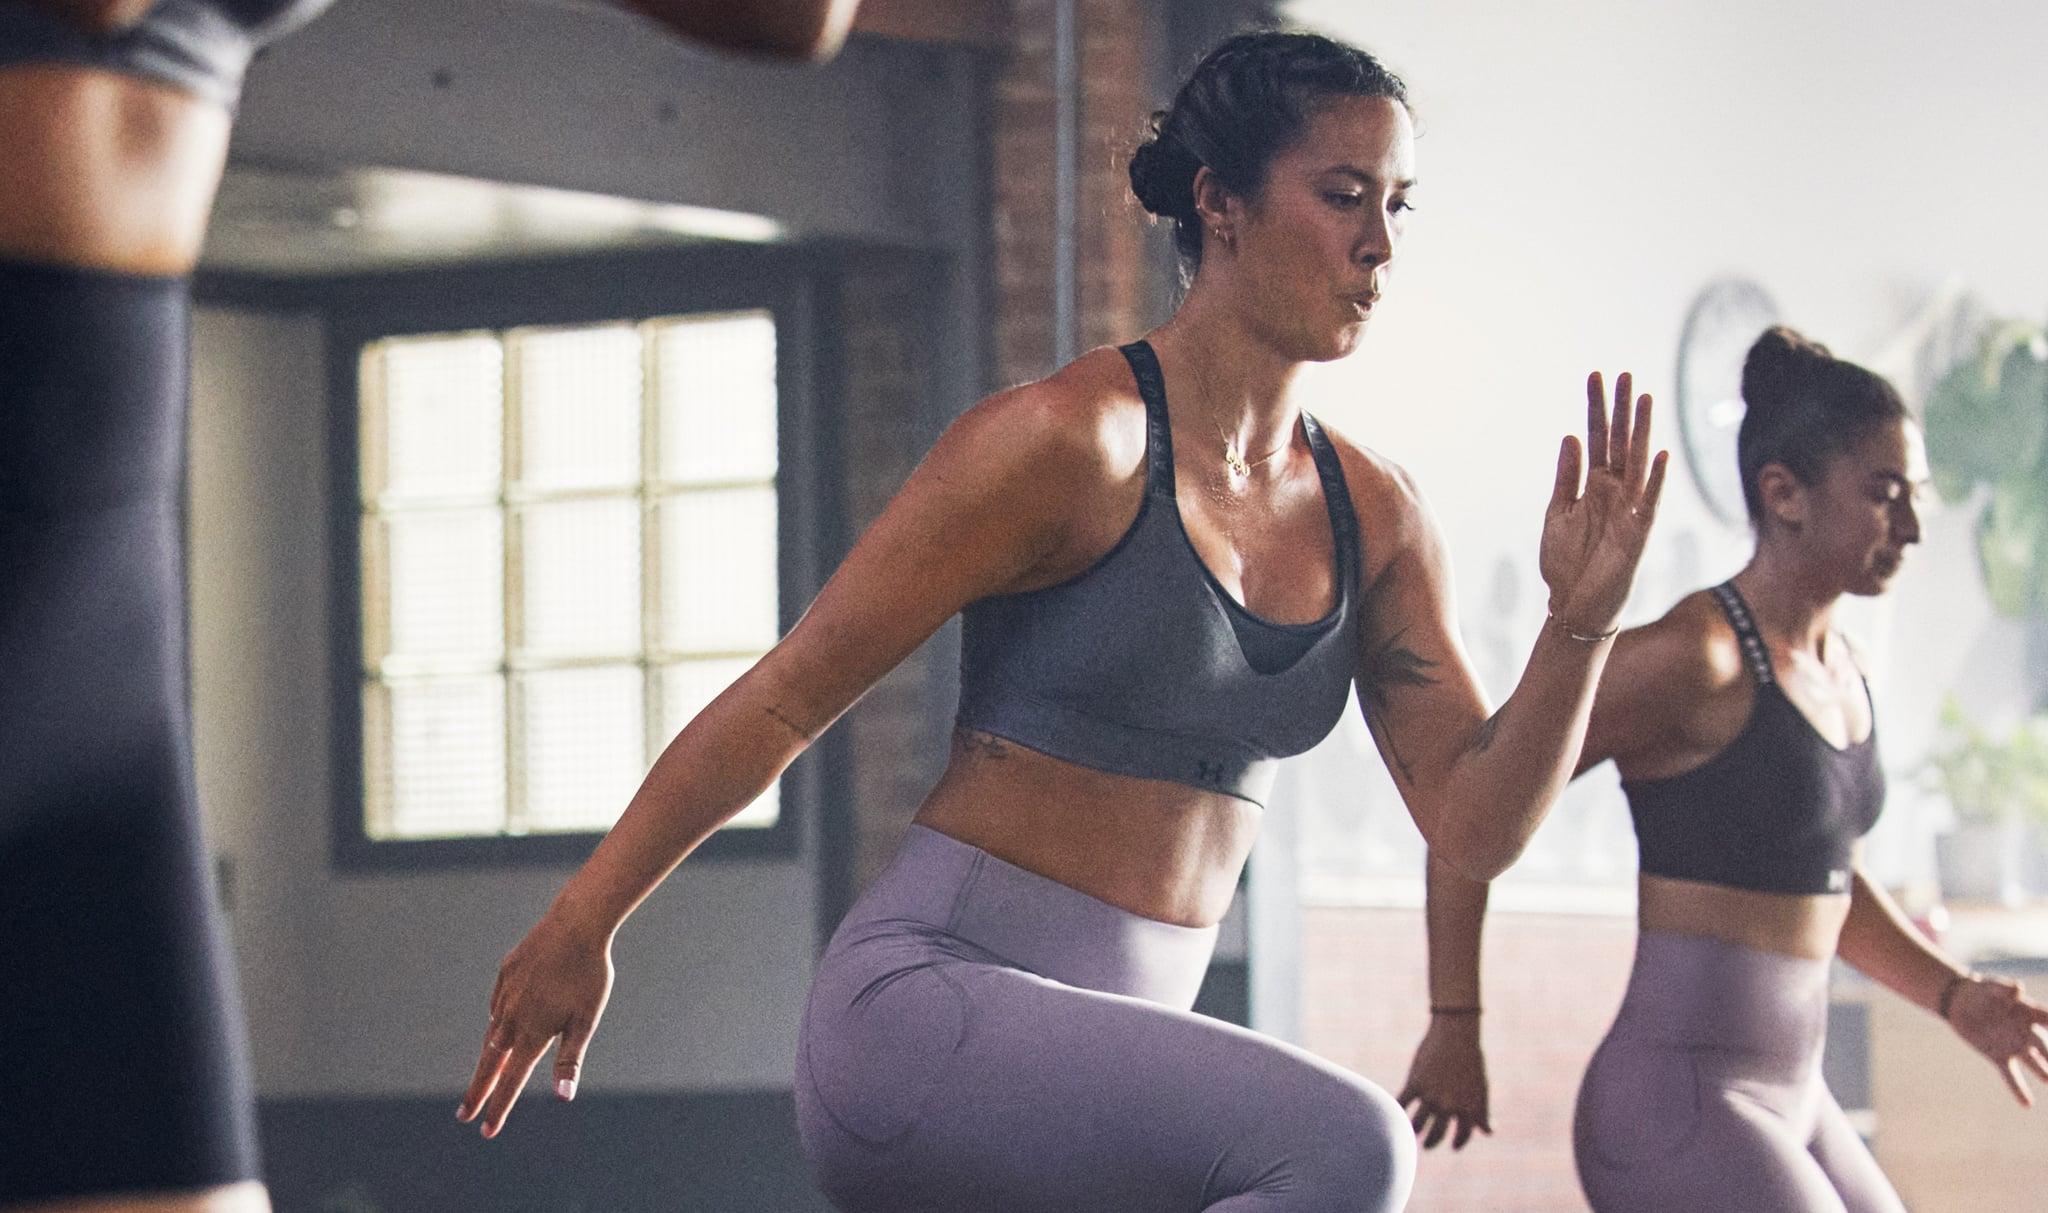 dynamic full body workout